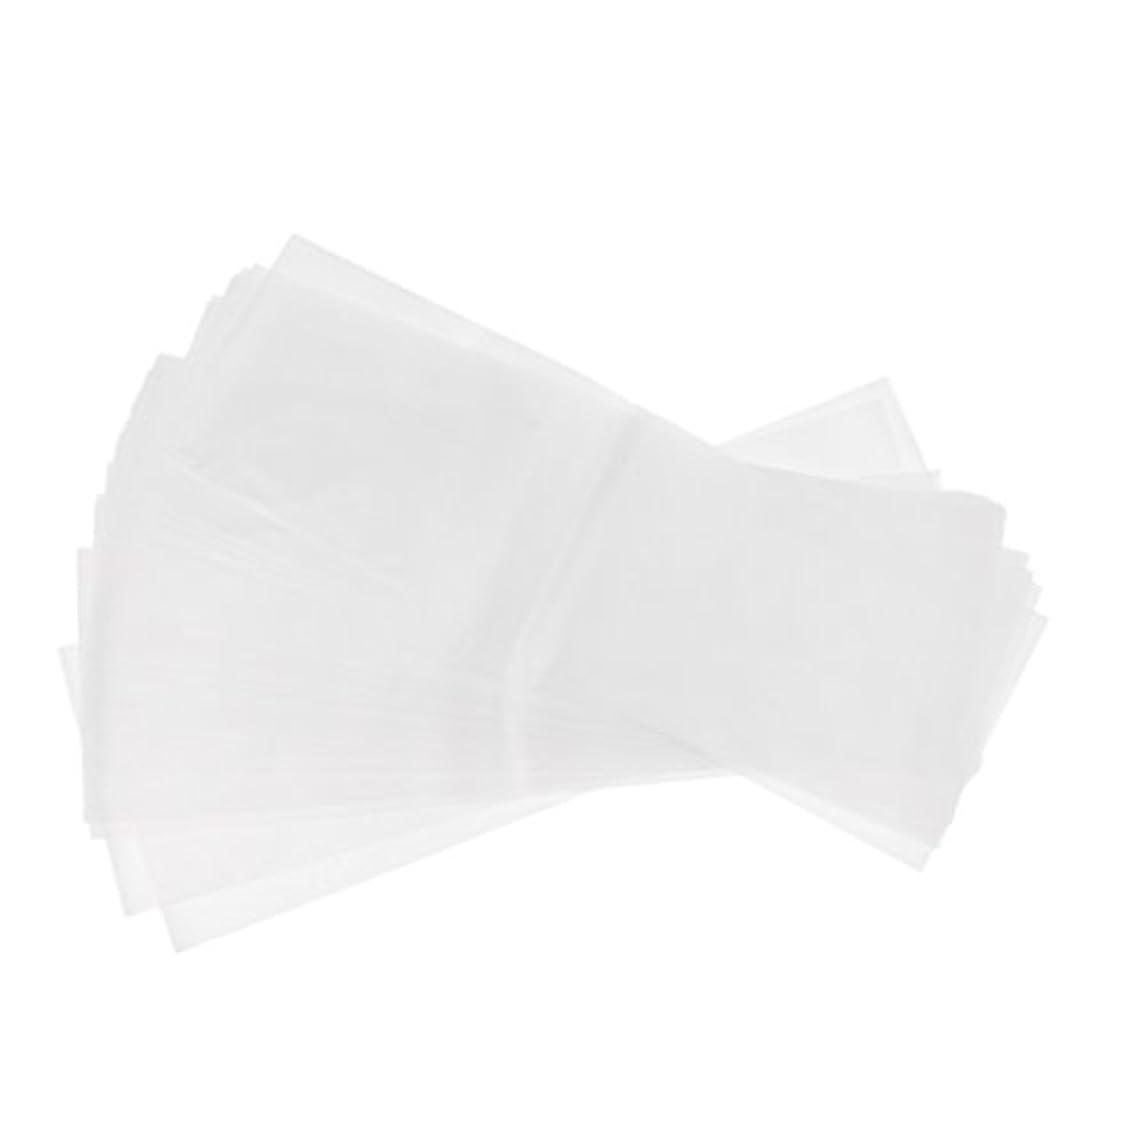 グリル開いたバイアスPerfk 約50枚 プラスチック製 染毛紙 ハイライトシート サロン ヘア染めツール 再利用可能  髪染め 2タイプ選べ - ホワイト